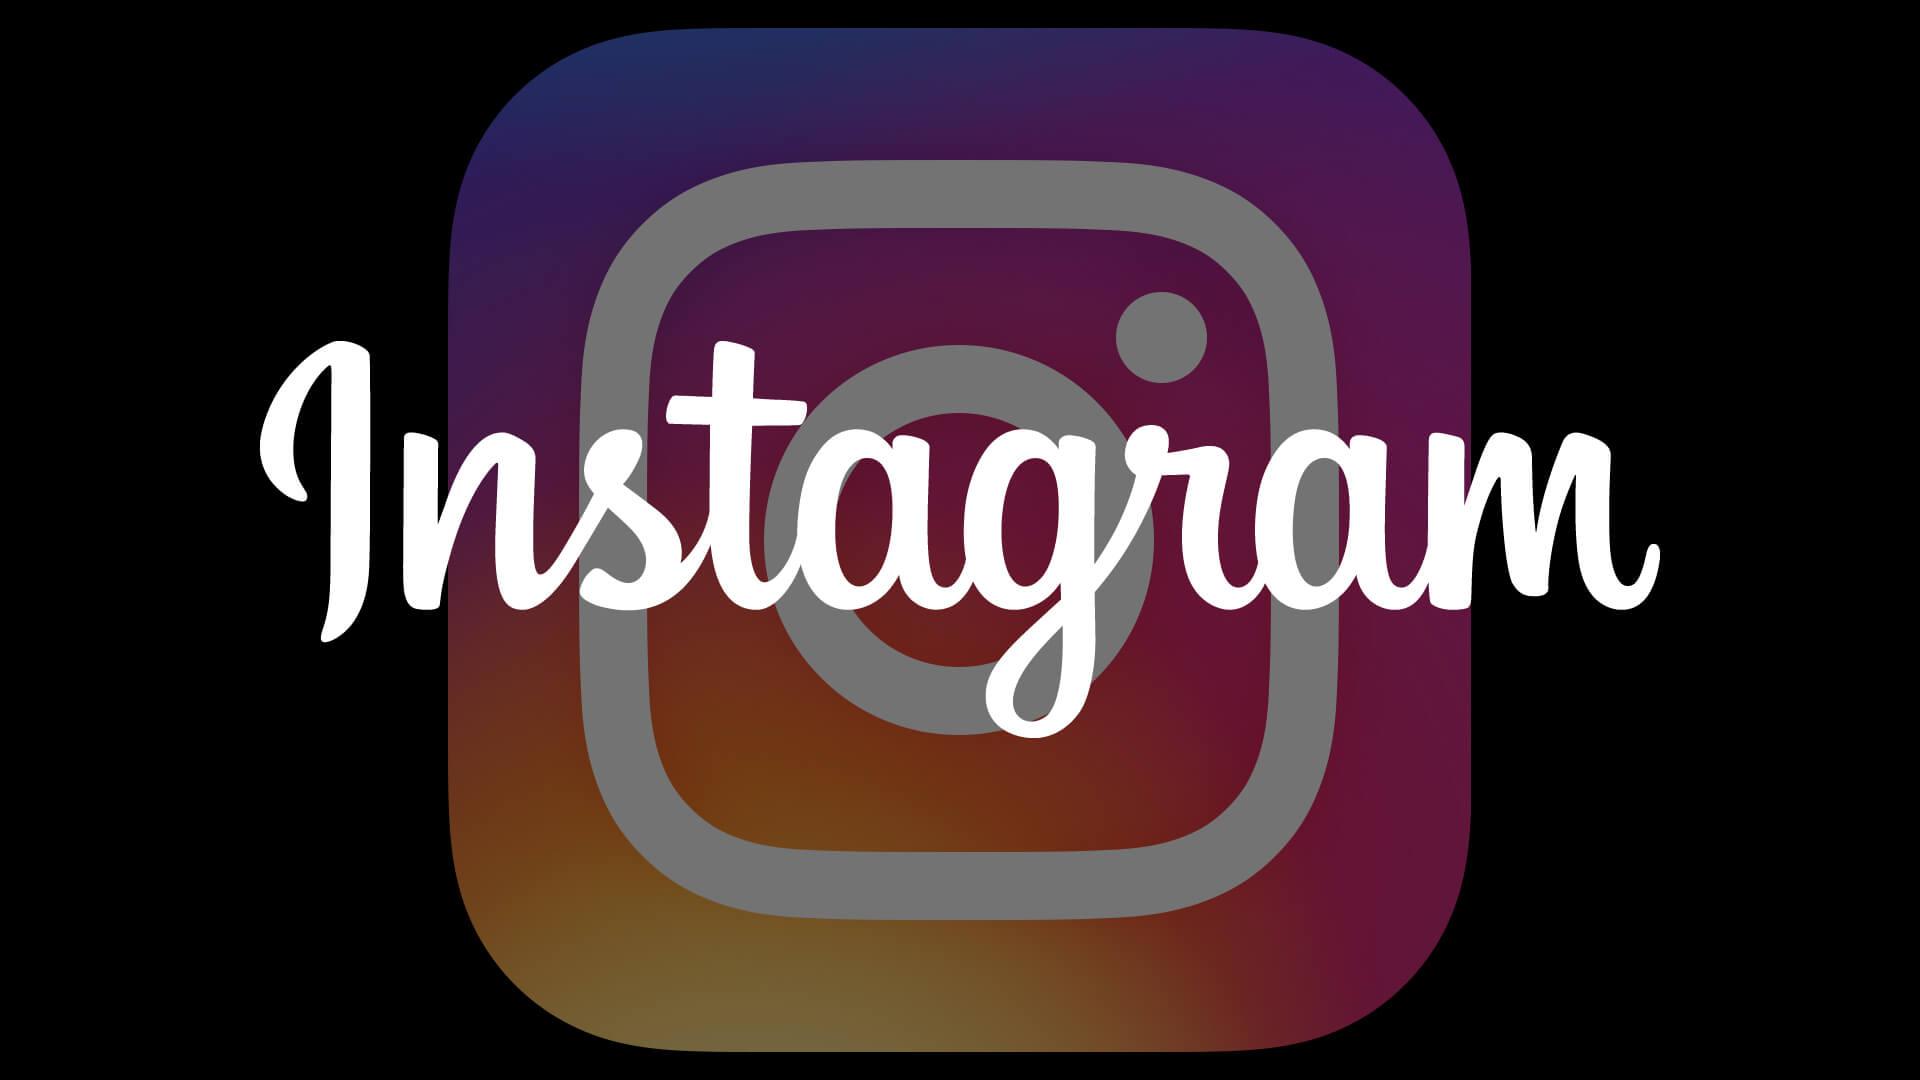 La web app de Instagram para Windows 10 ya se basa en el nuevo Edge